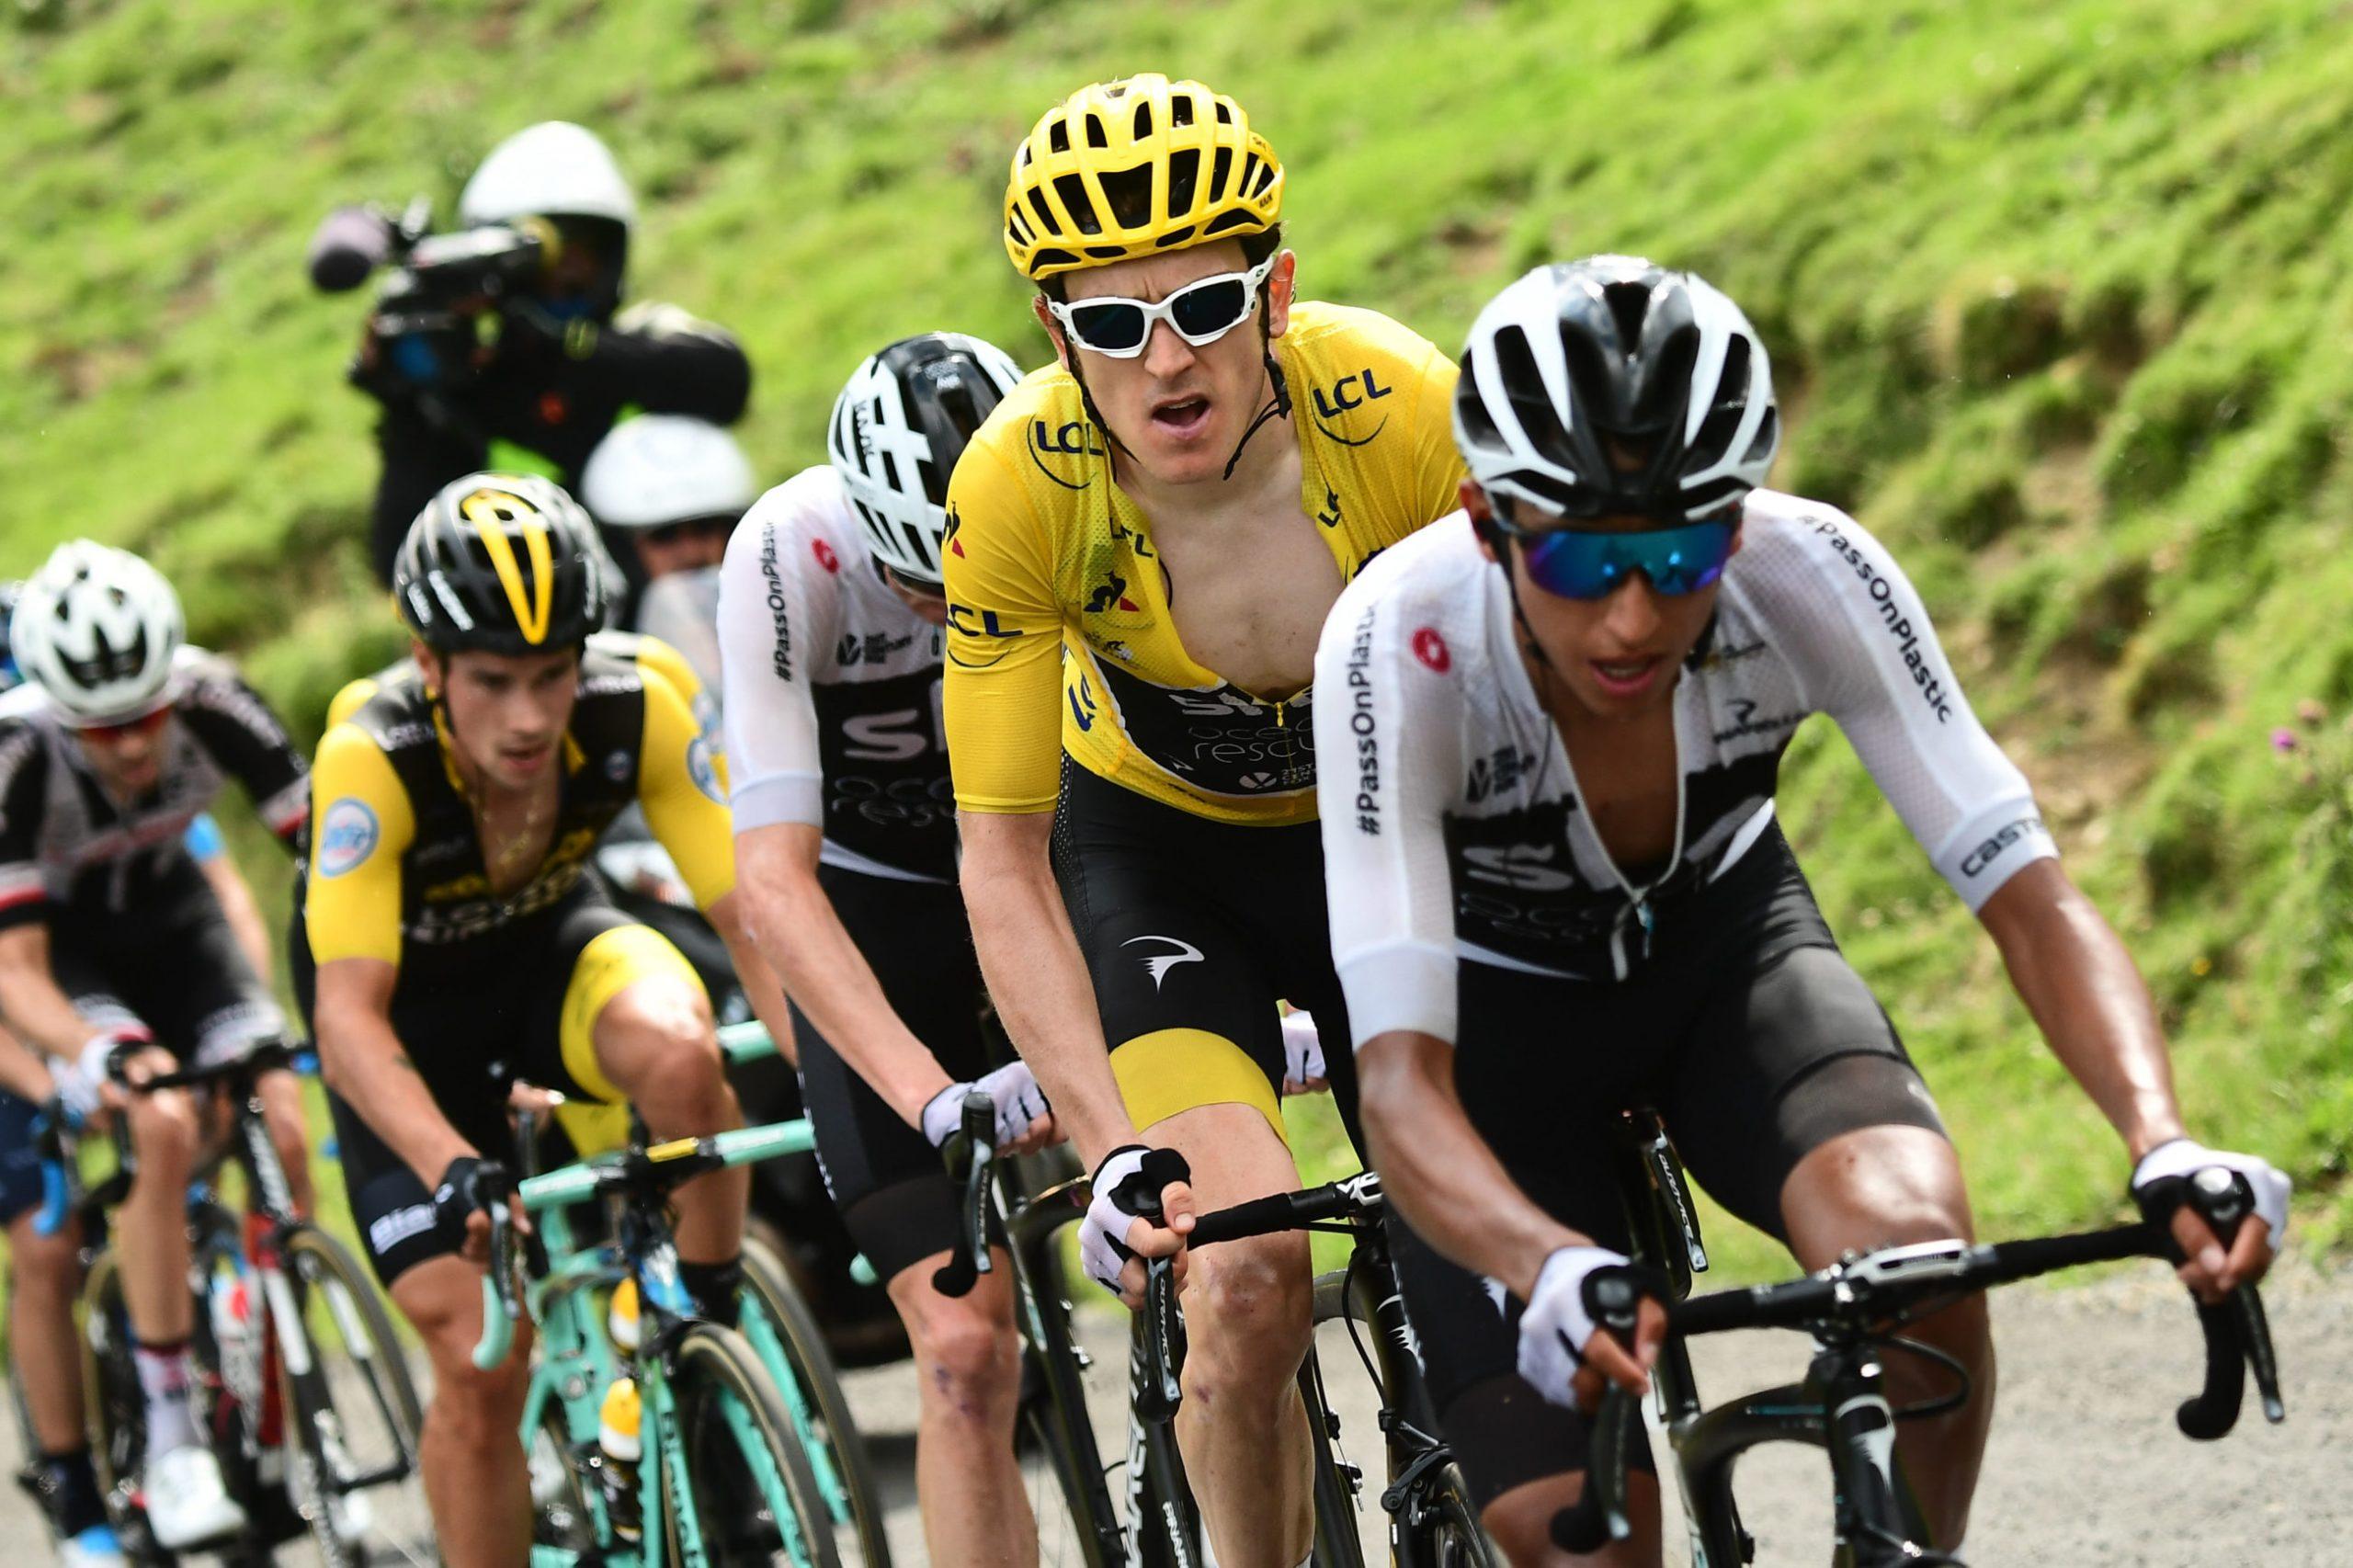 Thomas insisterer på at trolig Tour de France-seier kommer etter hardt arbeid